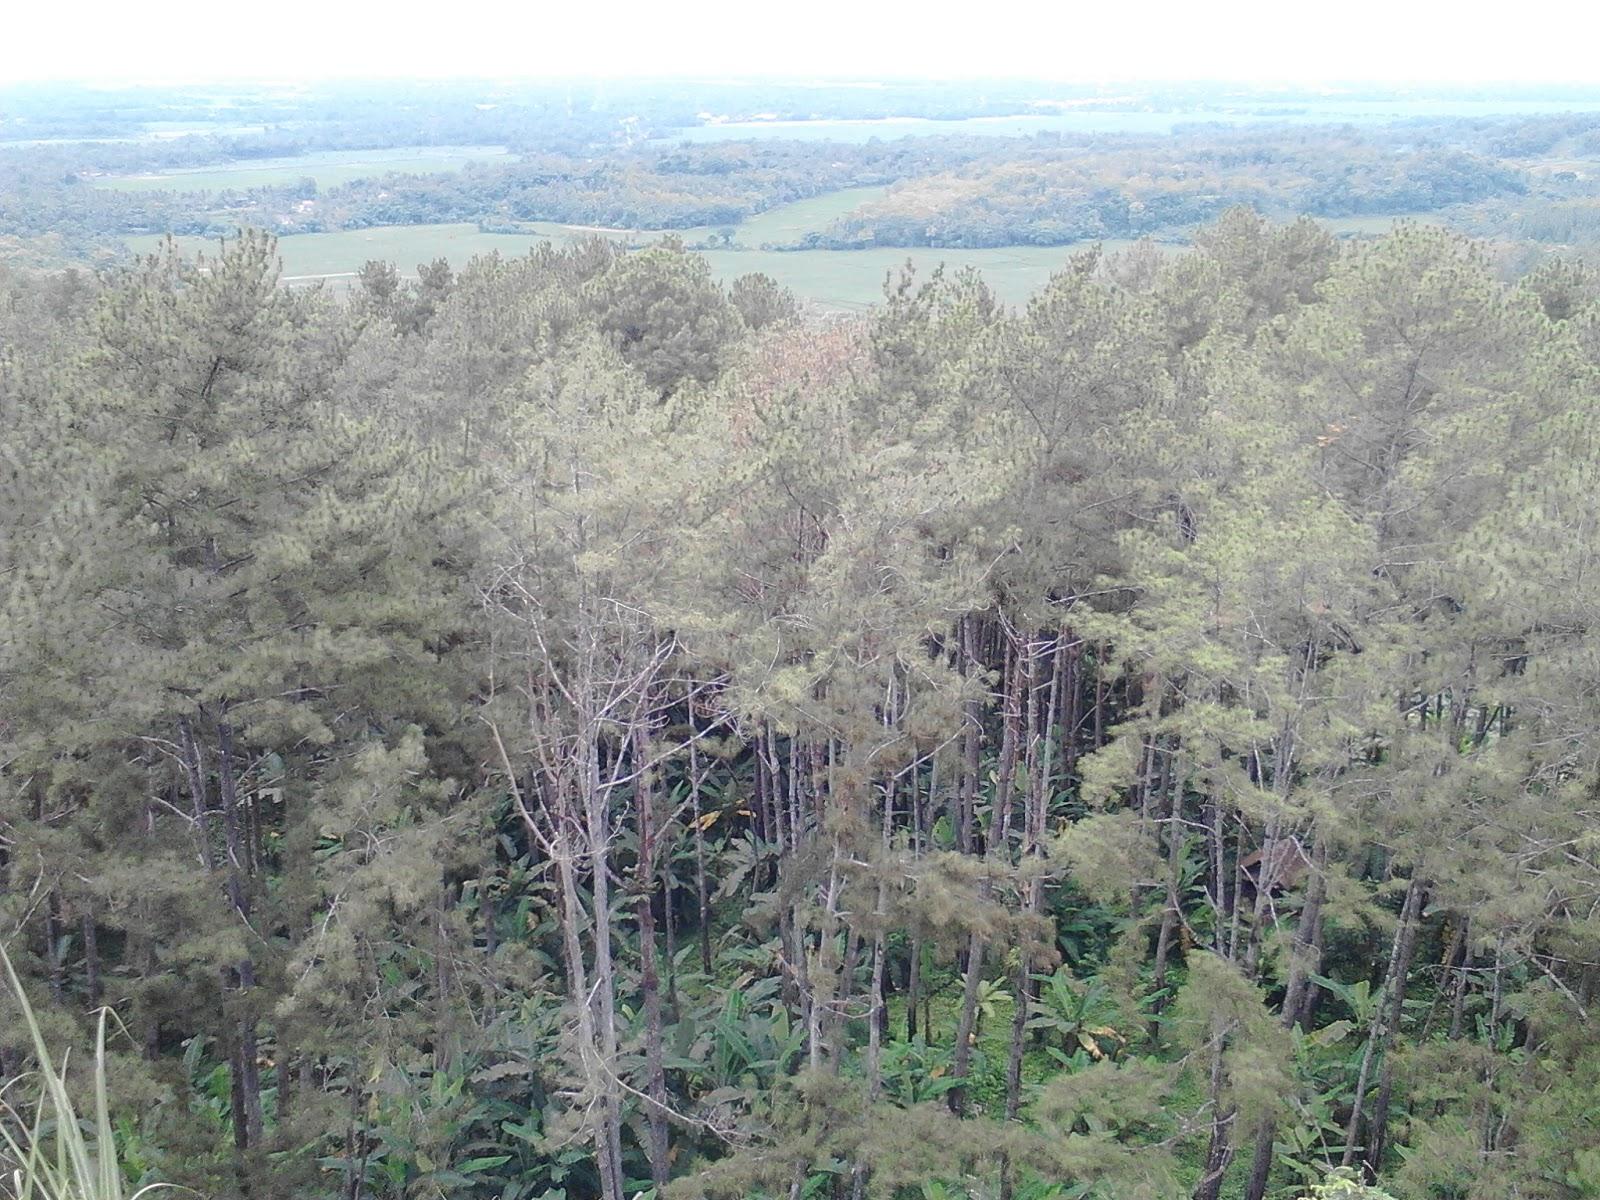 Kemit Forest Karanggedang Sidareja Destinasi Wisata Alam Hutan Kermit Kab